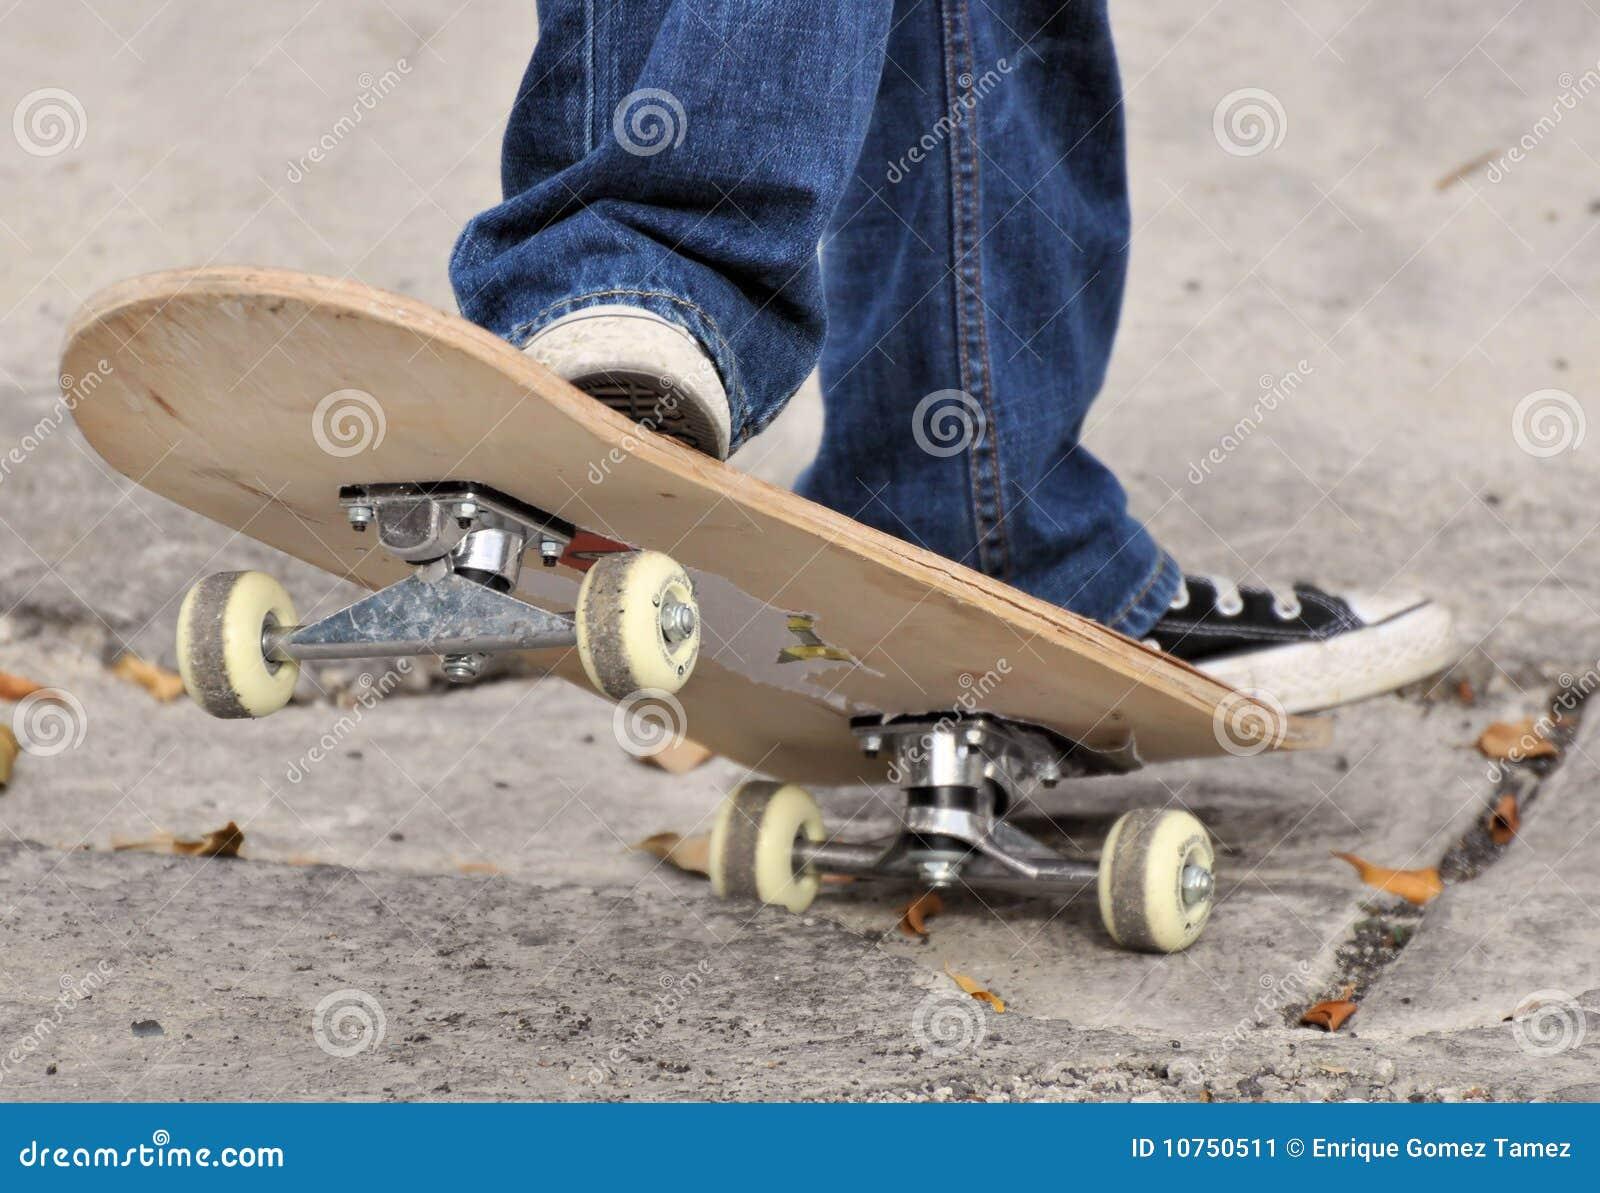 Skateboard detail